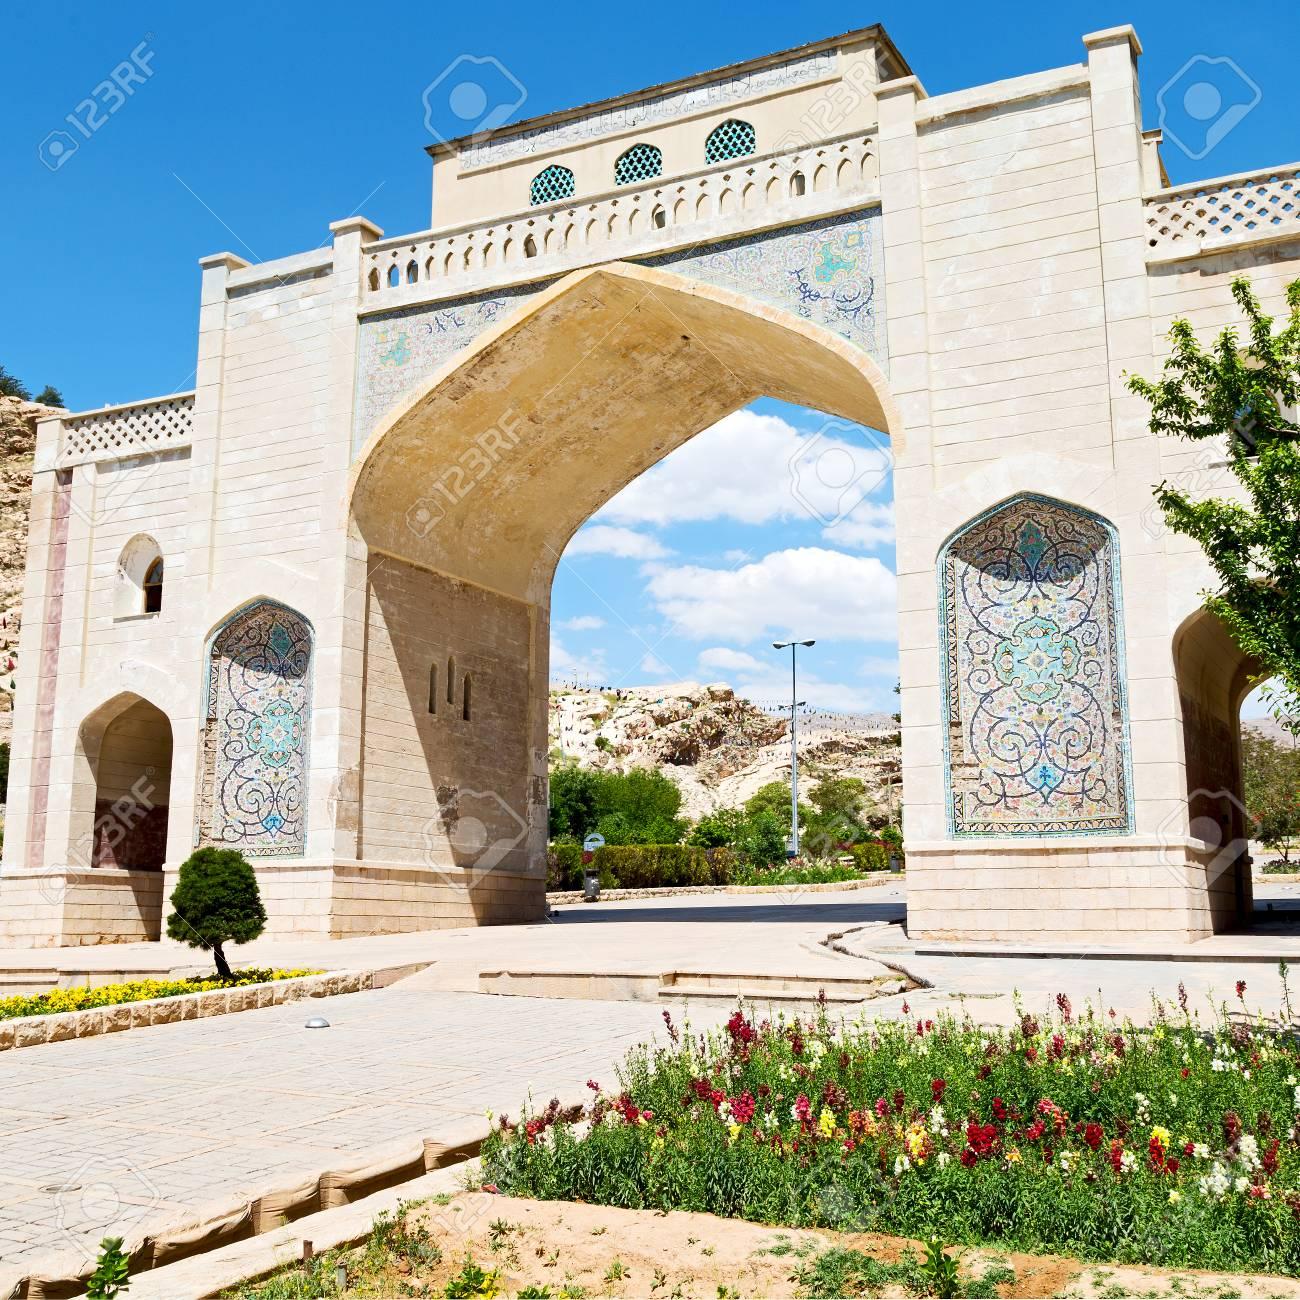 Arco Per Porta in iran shiraz la vecchia porta d'ingresso ad arco storico per la città  vecchia e la natura fiore